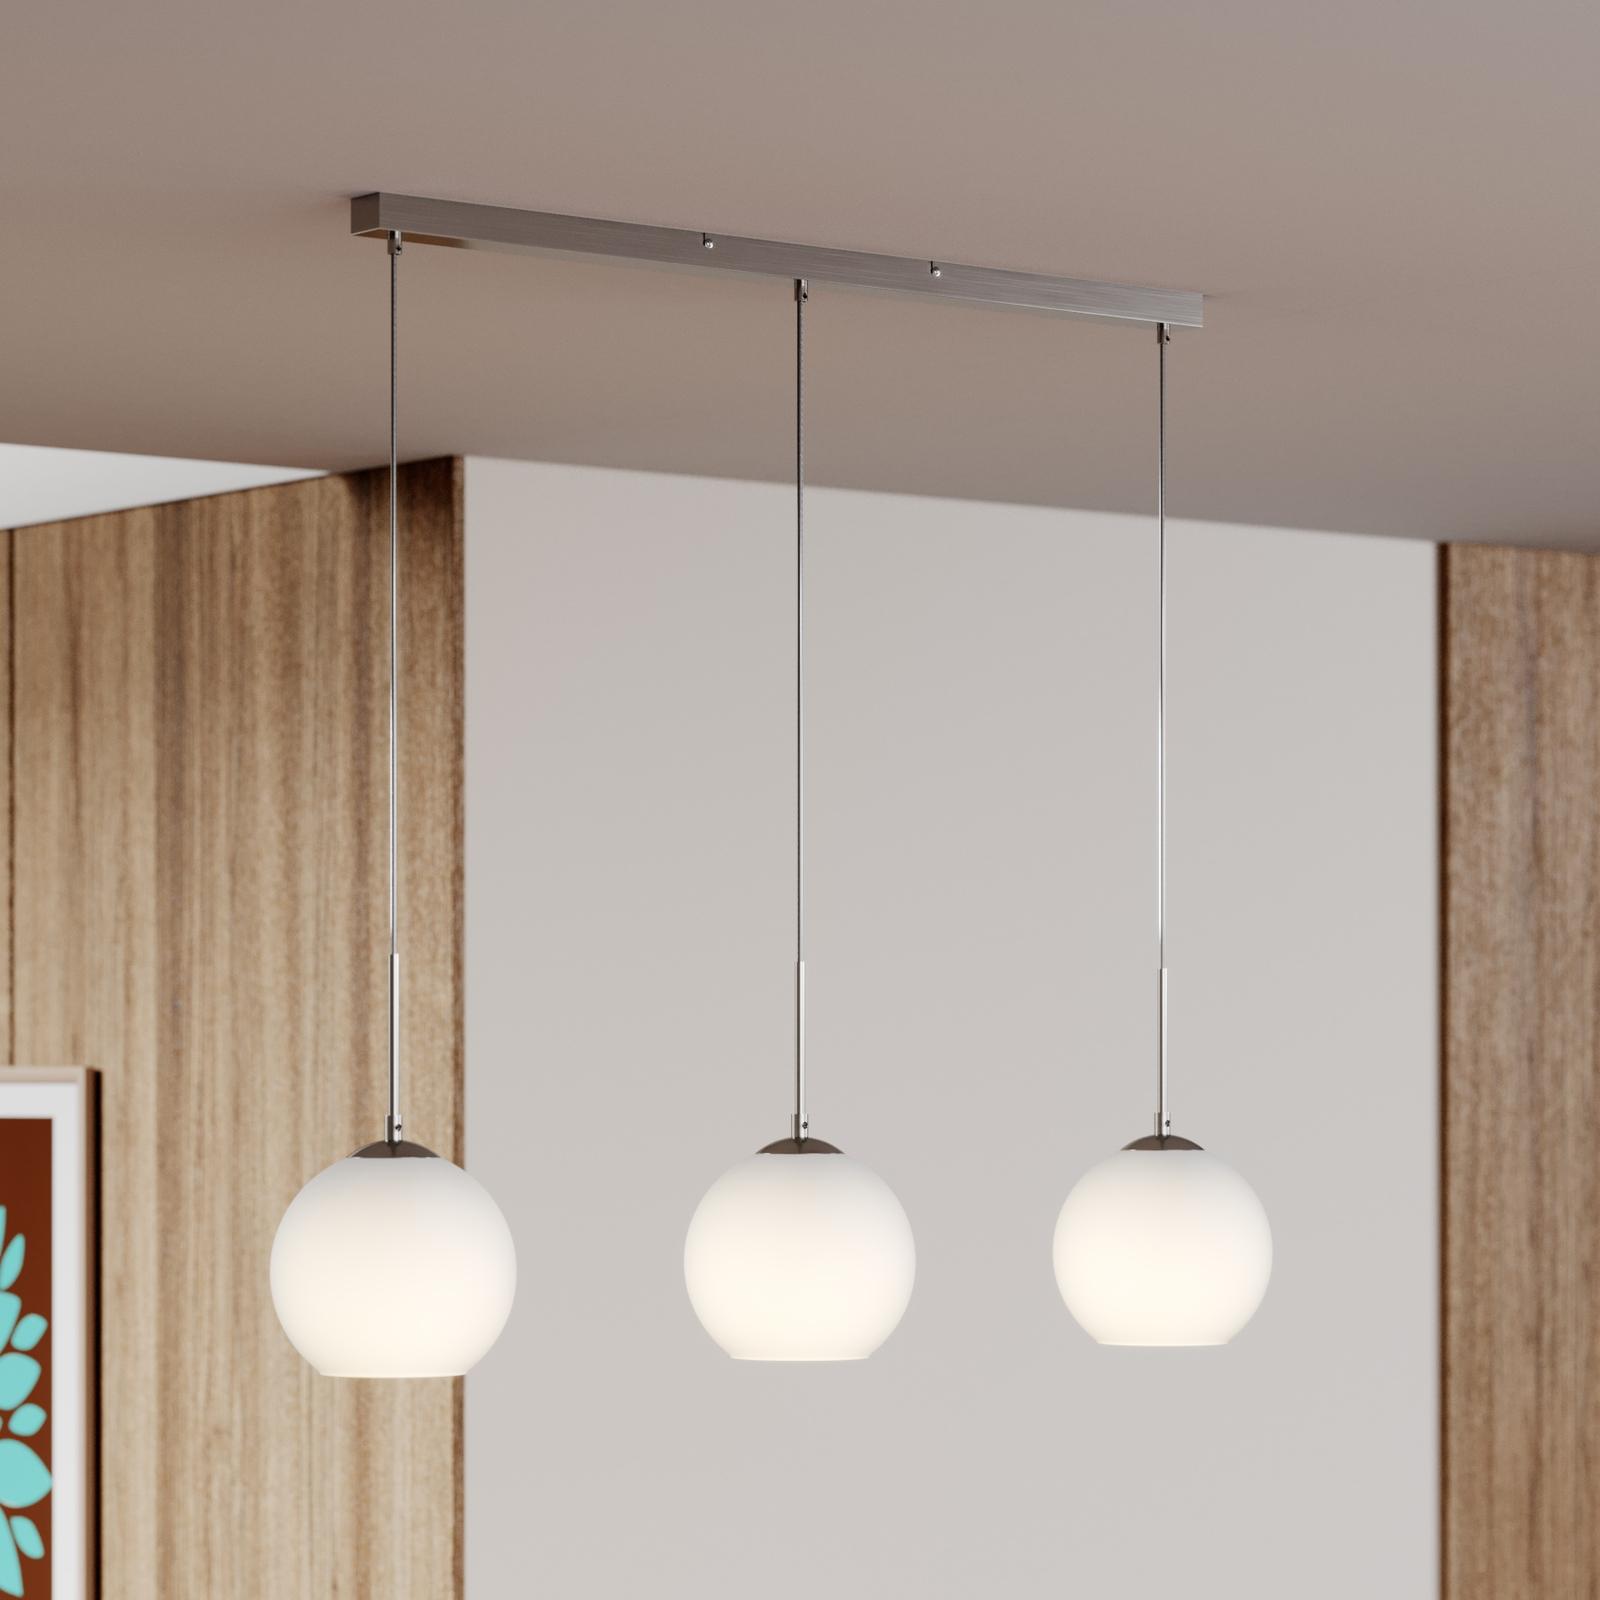 Lindy Smart LED závěsná lampa Morrigan, aplikace